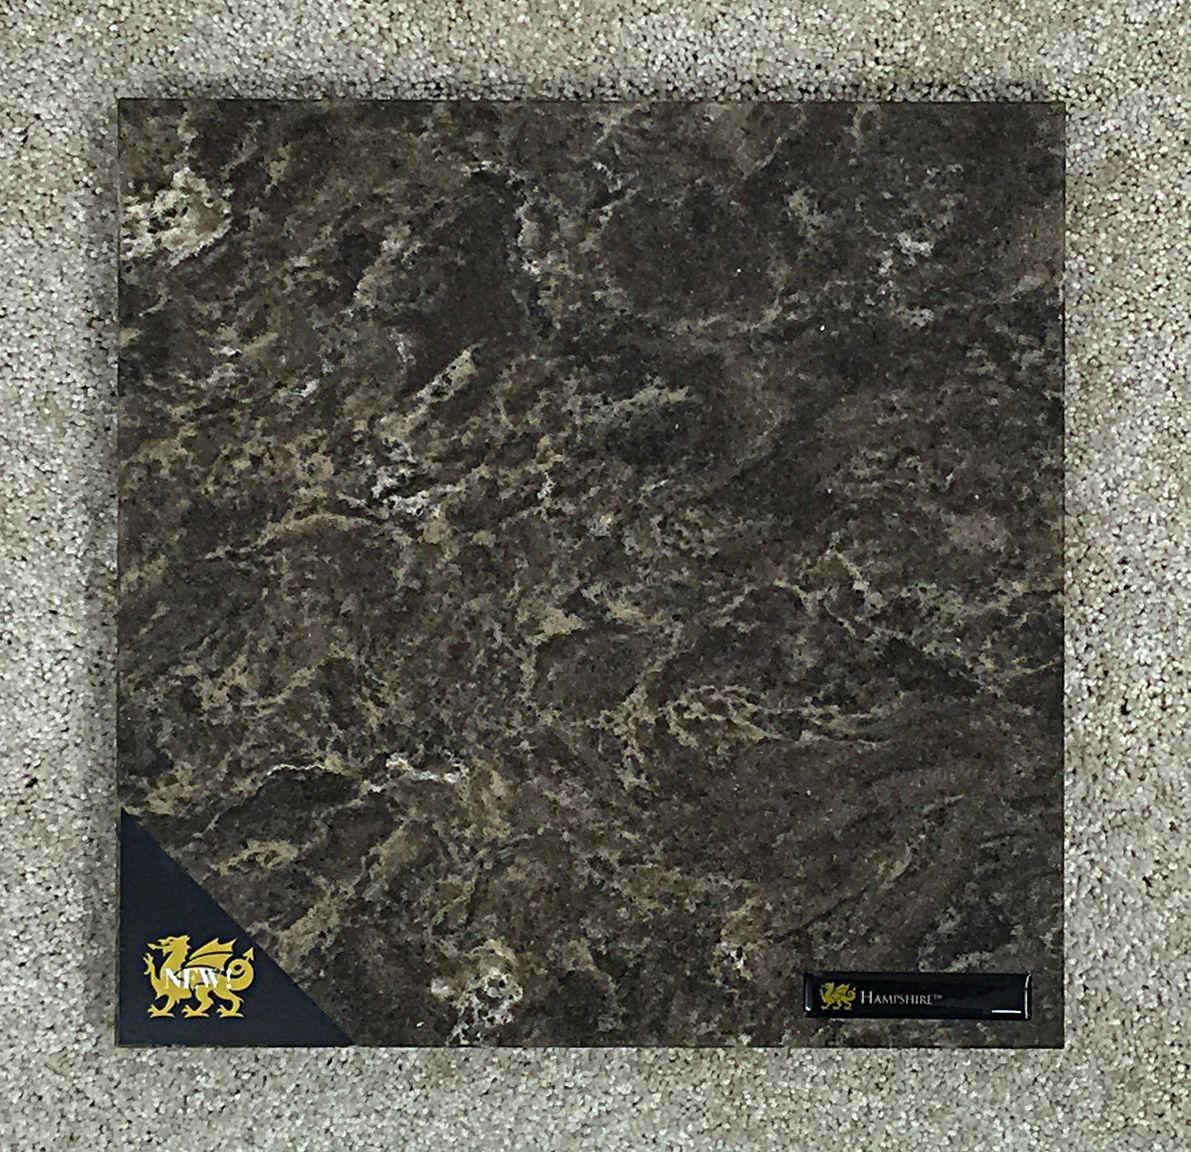 Cambria quartz denver shower doors amp denver granite countertops - Cambria Quartz Denver Shower Doors Amp Denver Granite Countertops Find This Pin And More On